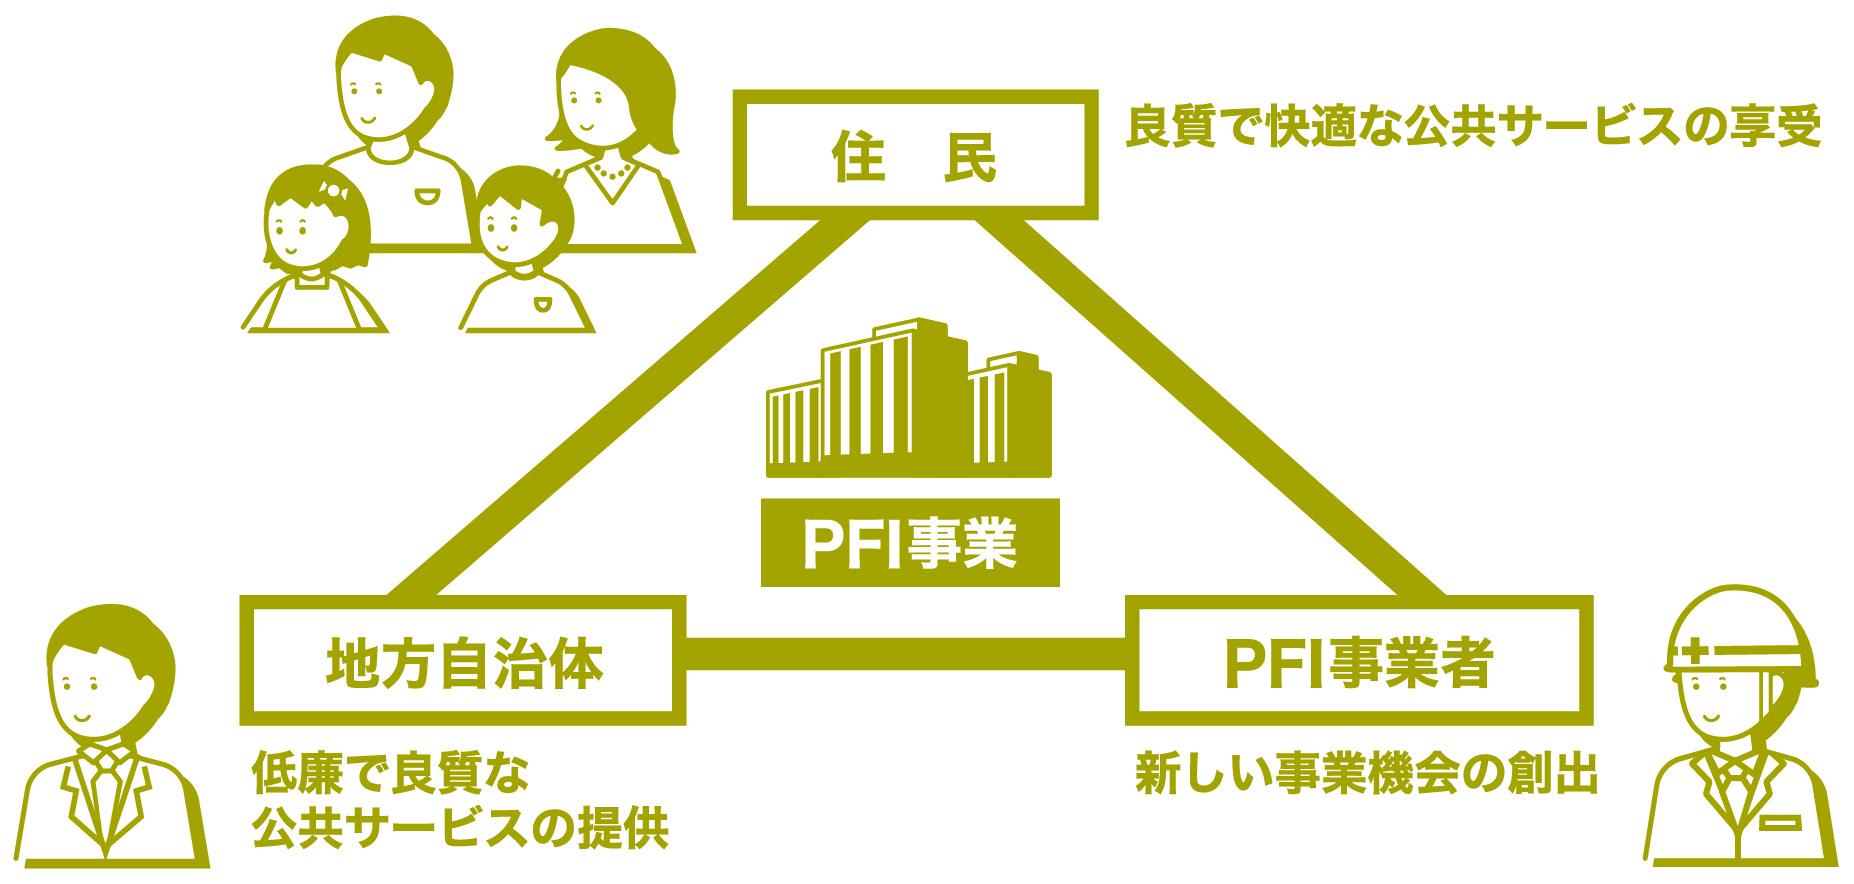 PFI事業